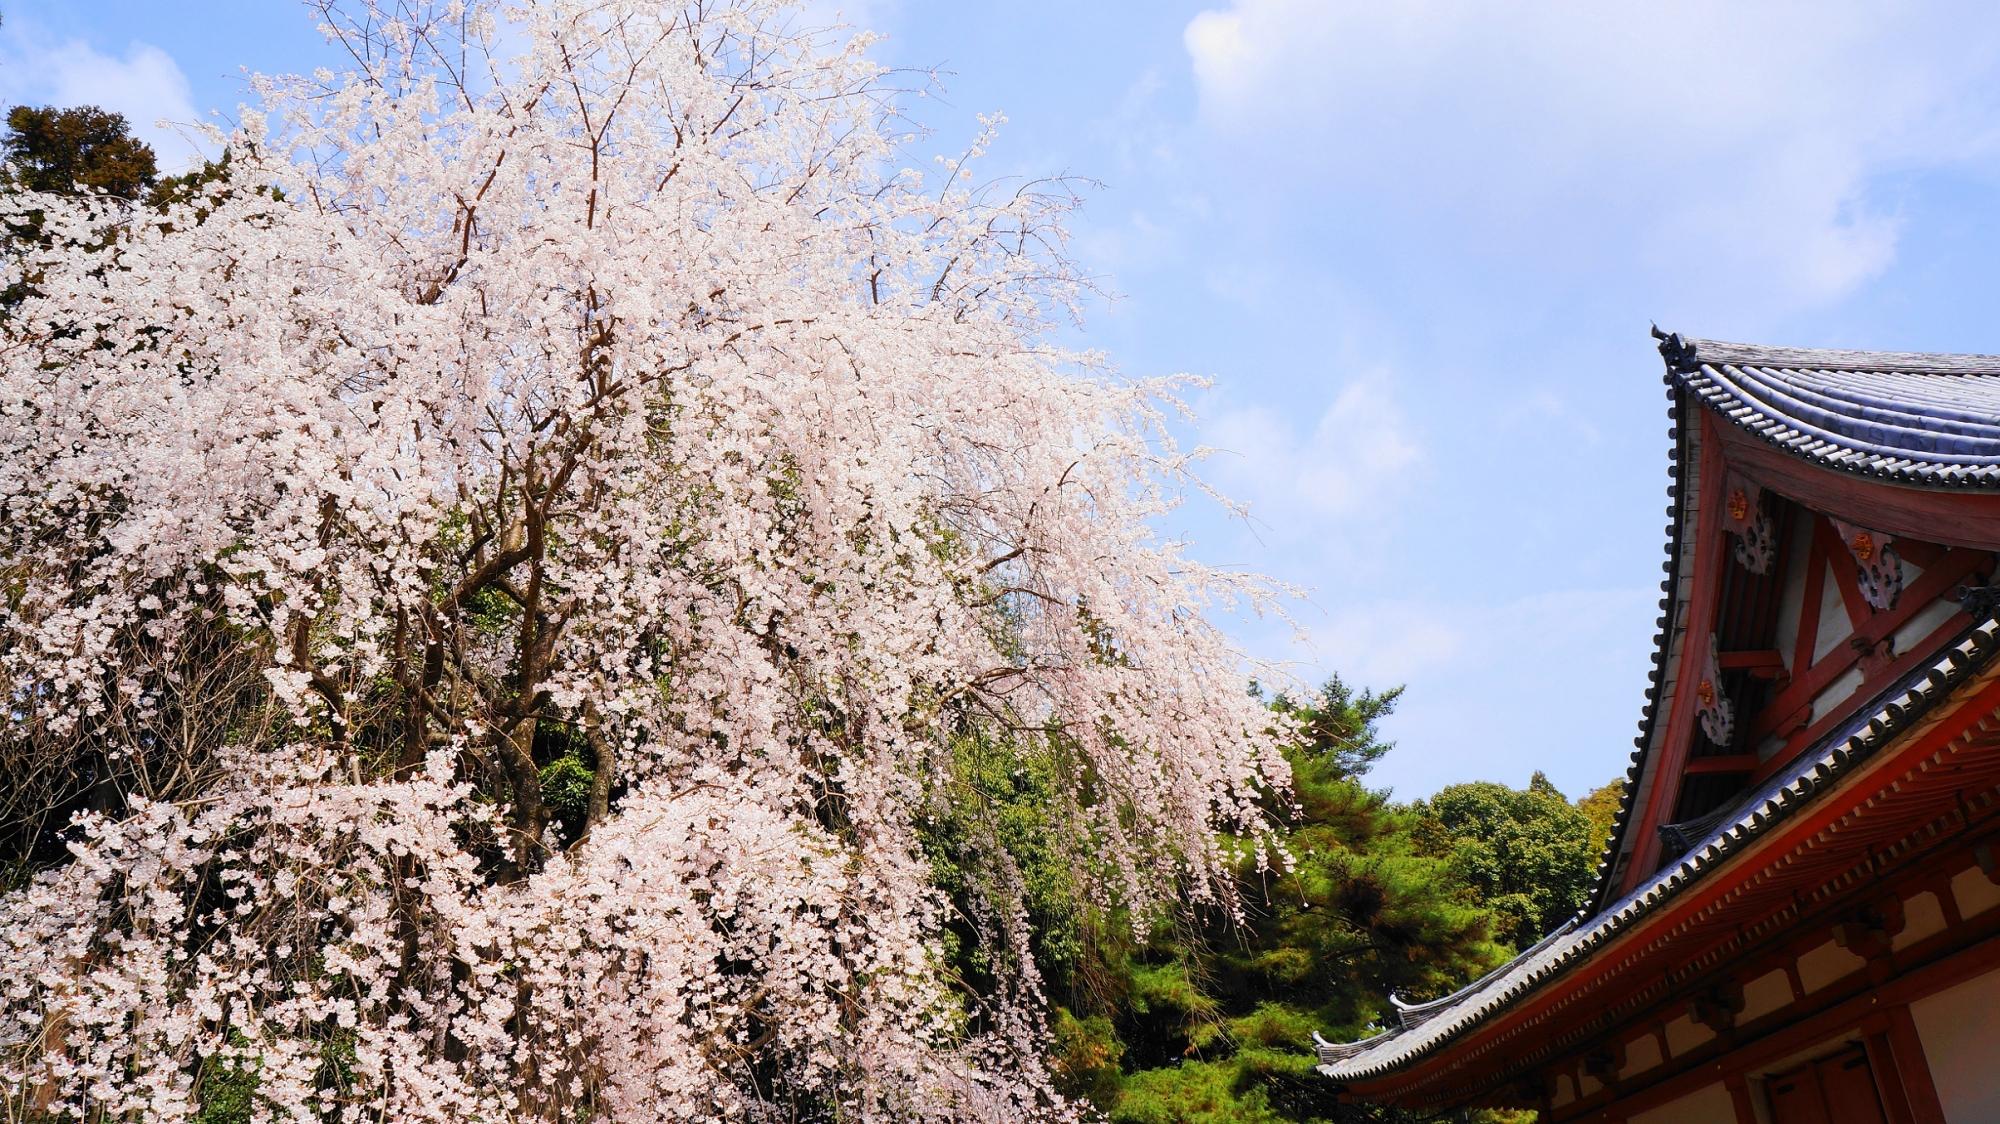 しだれ桜 満開 金堂 醍醐寺 巨木 春